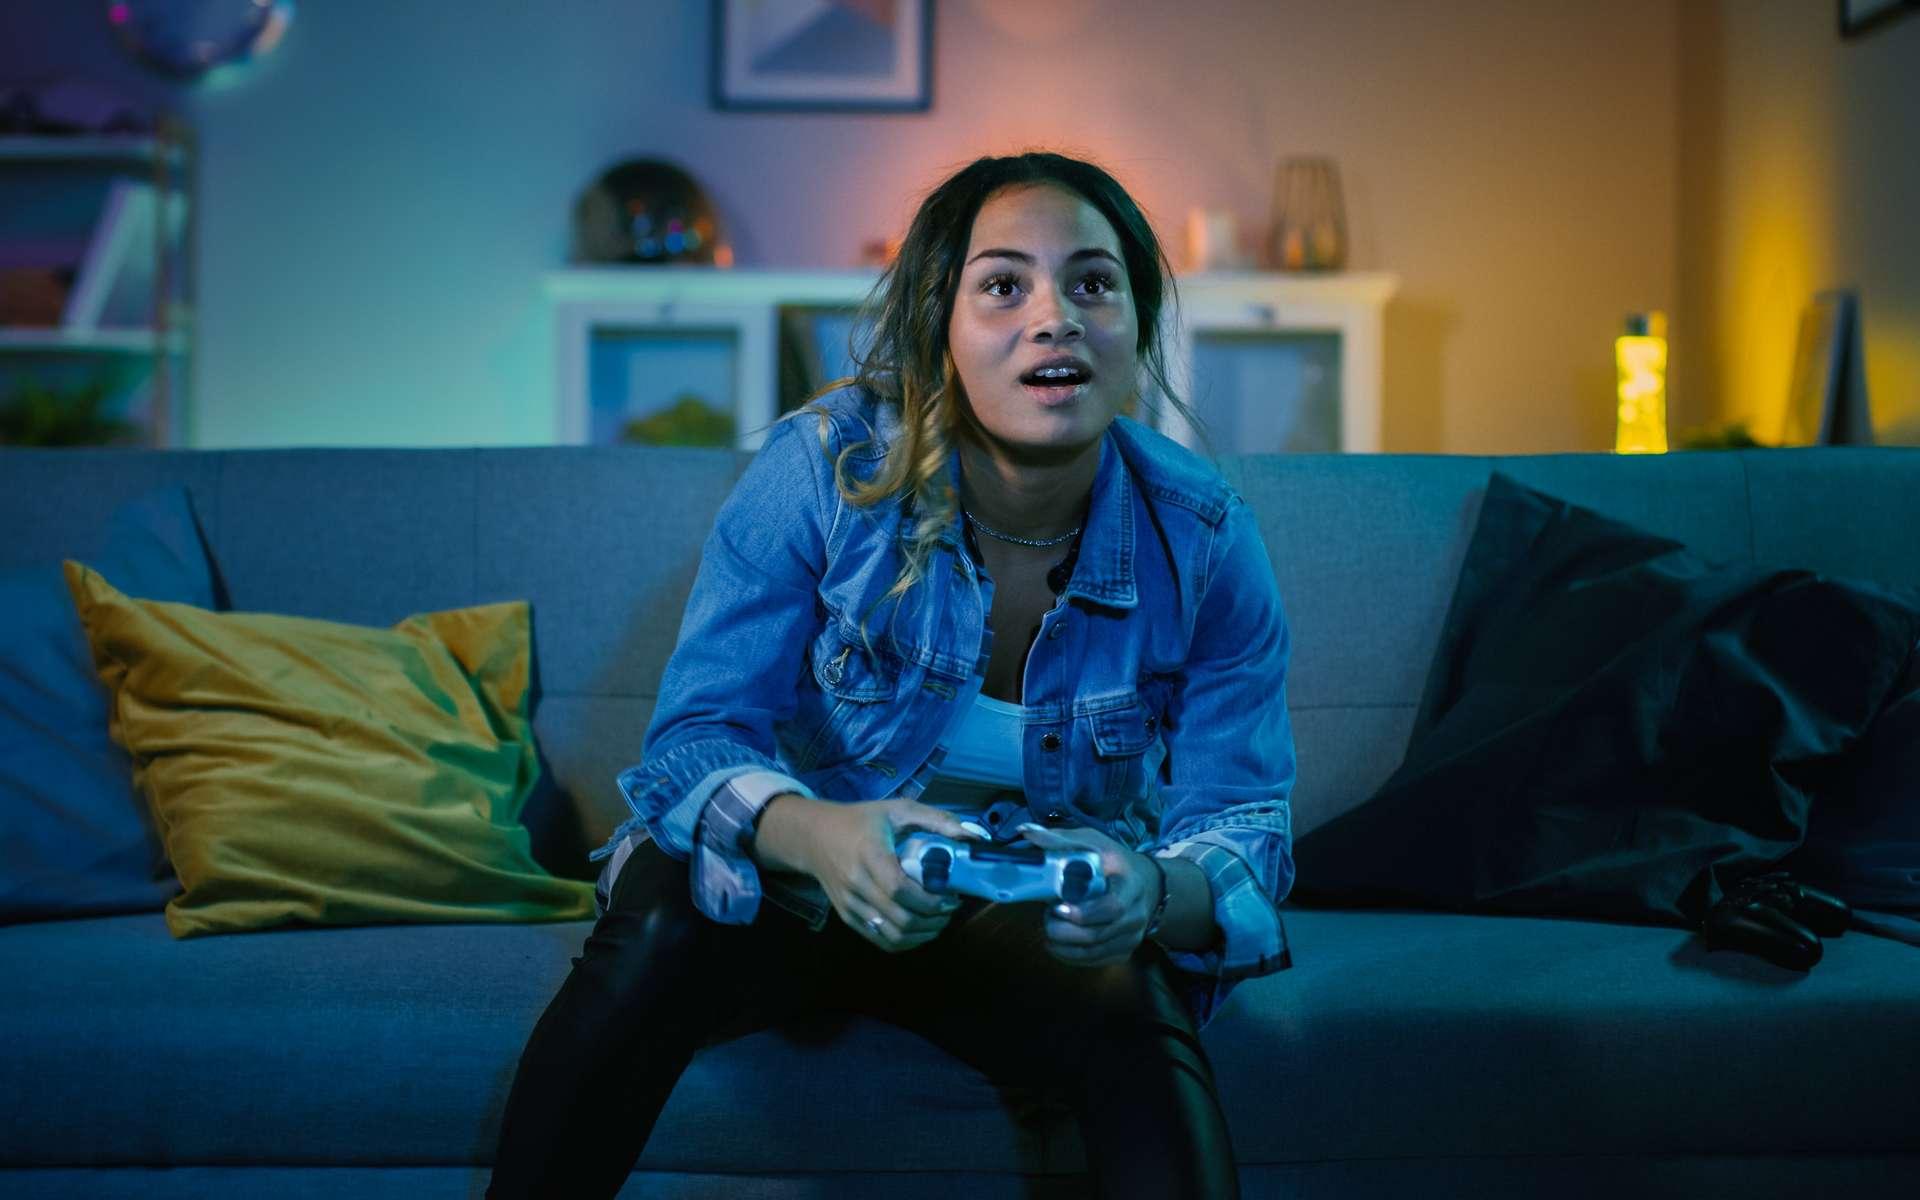 Le futur des jeux vidéo passera par la télévision selon Microsoft. © Gorodenkoff, Getty Images